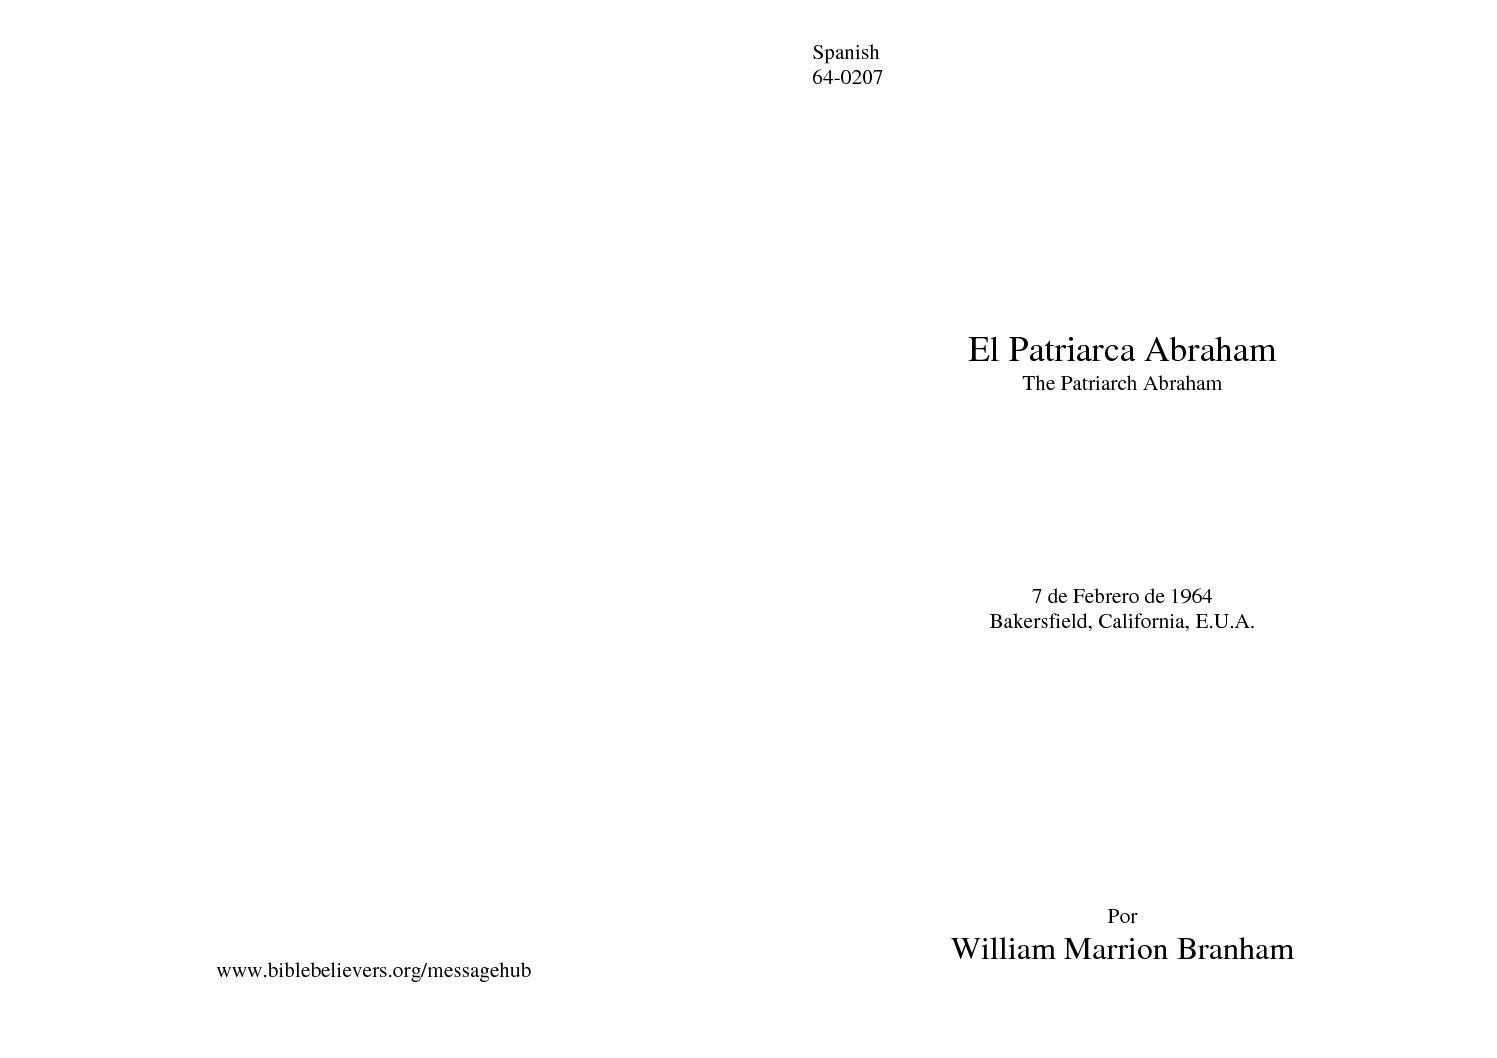 64-0207 EL PATRIARCA ABRAHAM